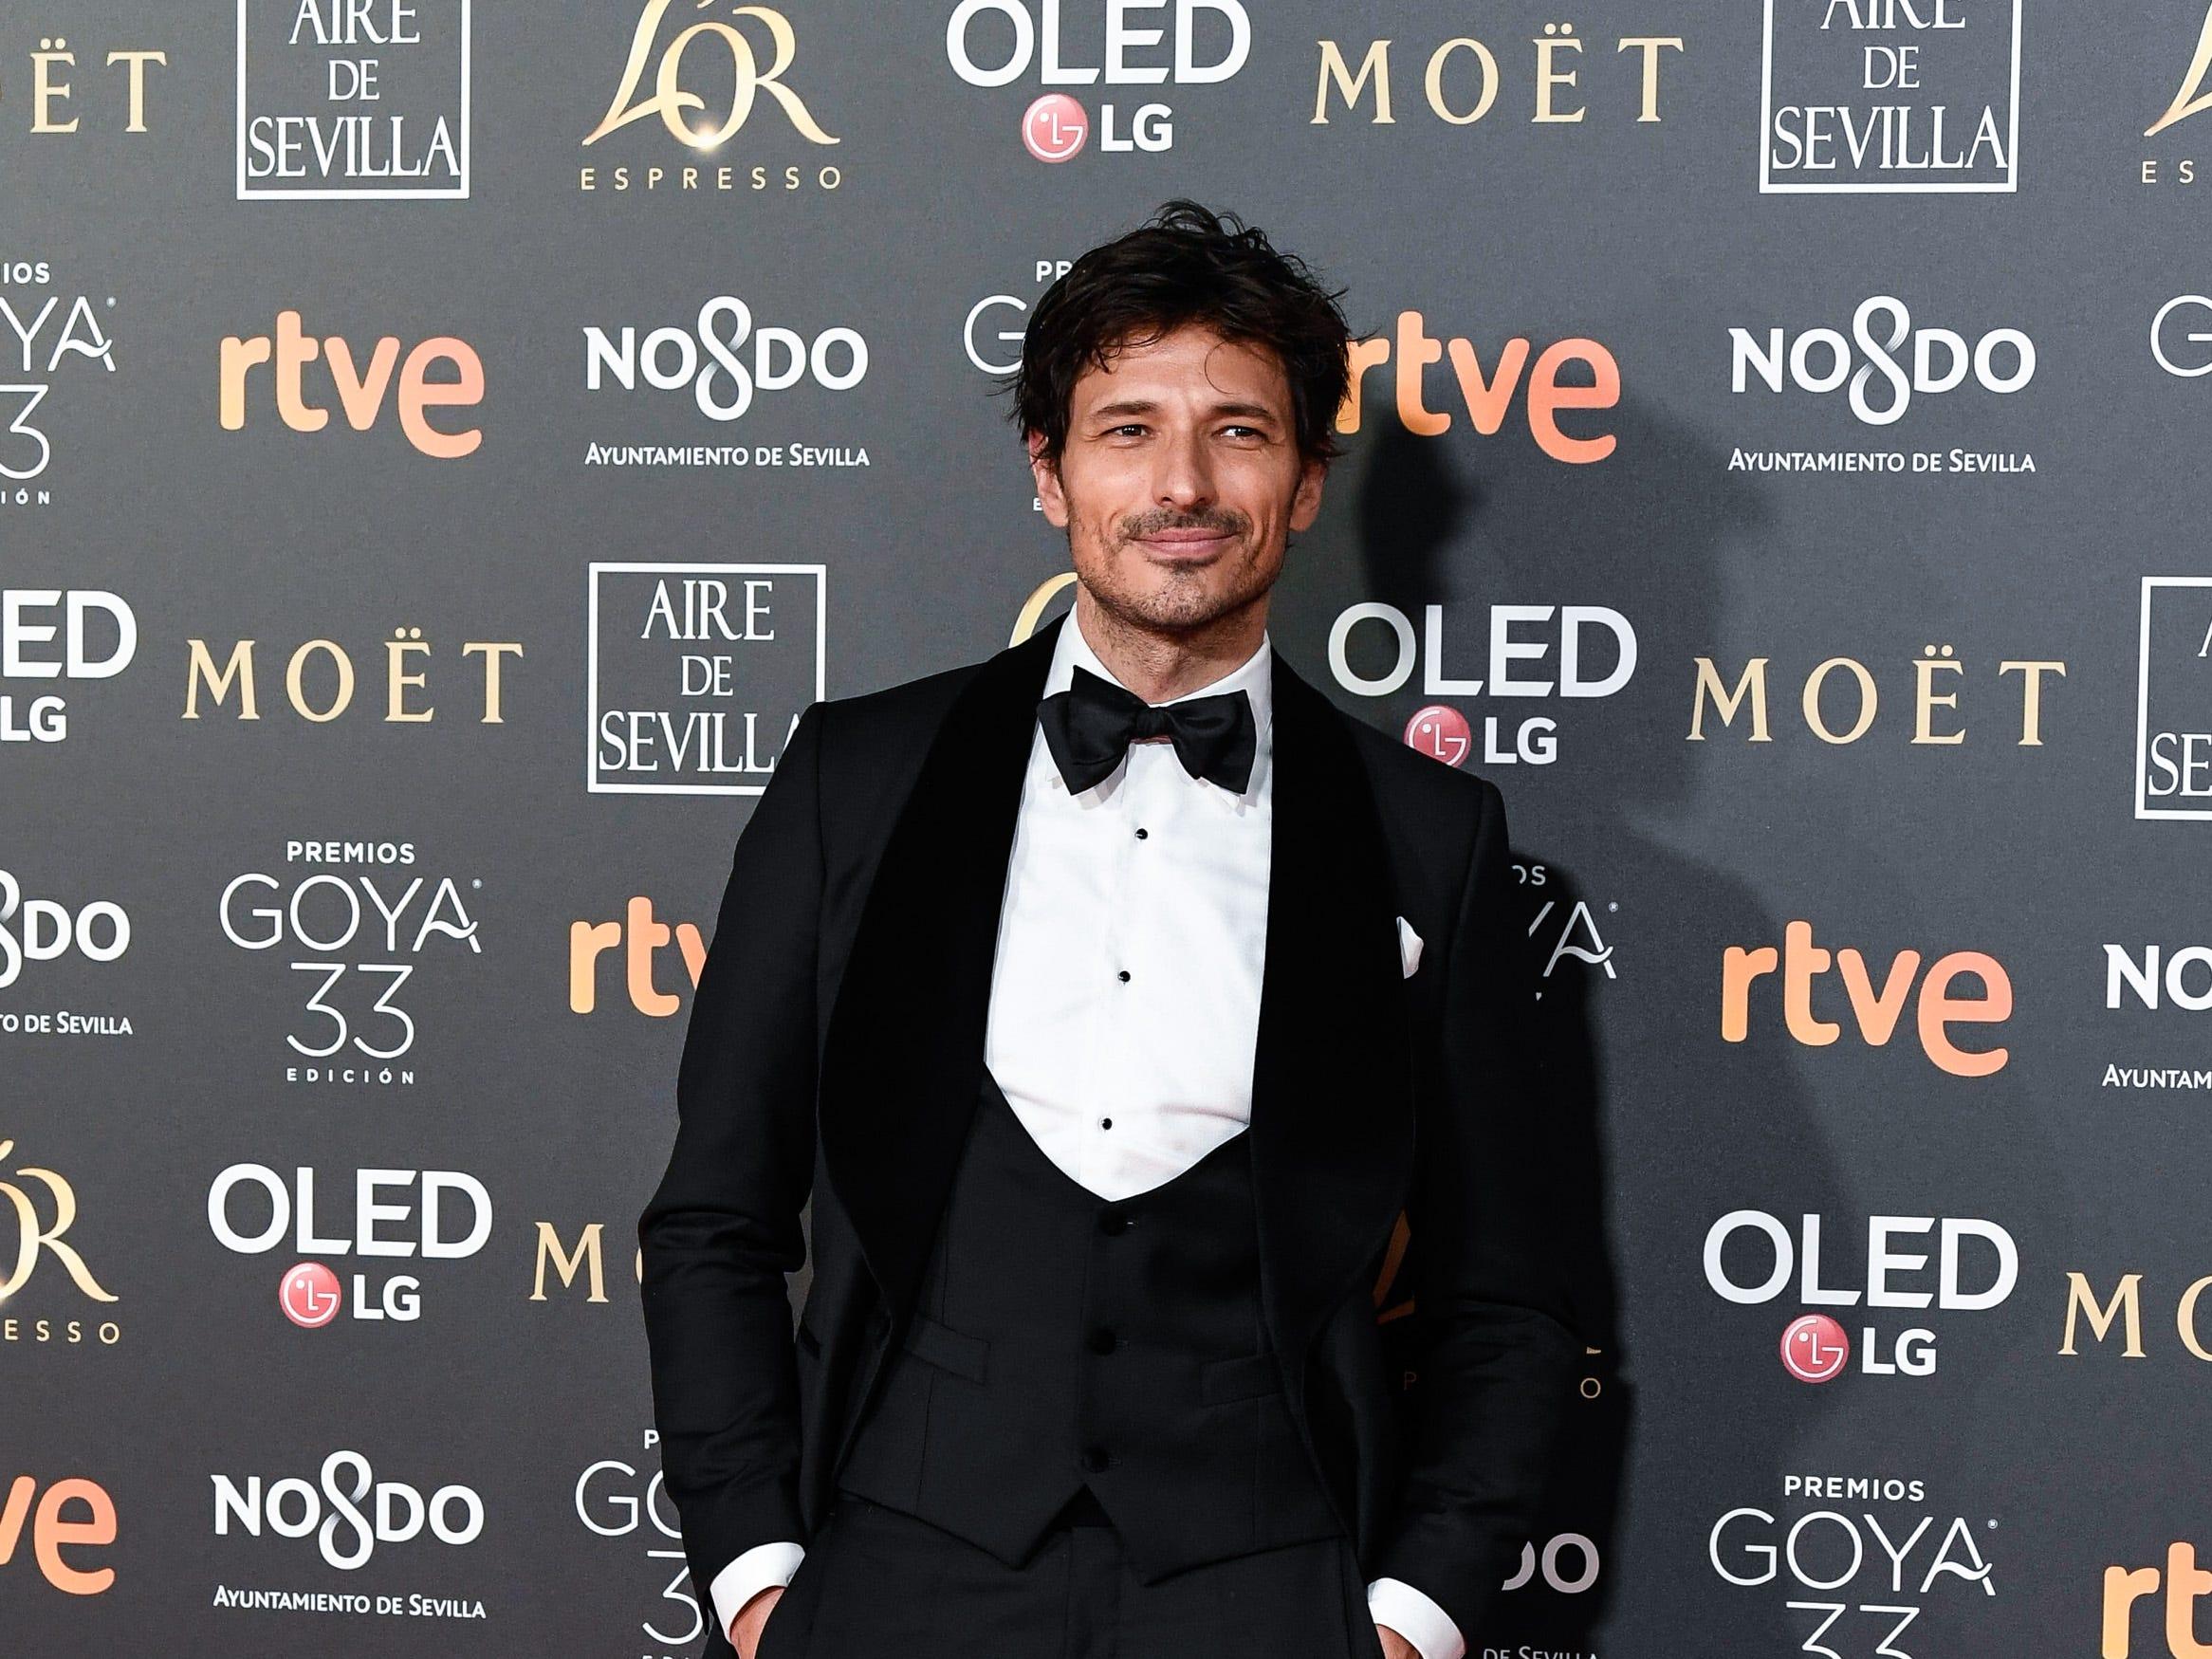 Andrés Velencoso asiste a la 33ª edición de los Premios de Cine Goya en el Palacio de Congresos y Exposiciones FIBES el 2 de febrero de 2019 en Sevilla, España.